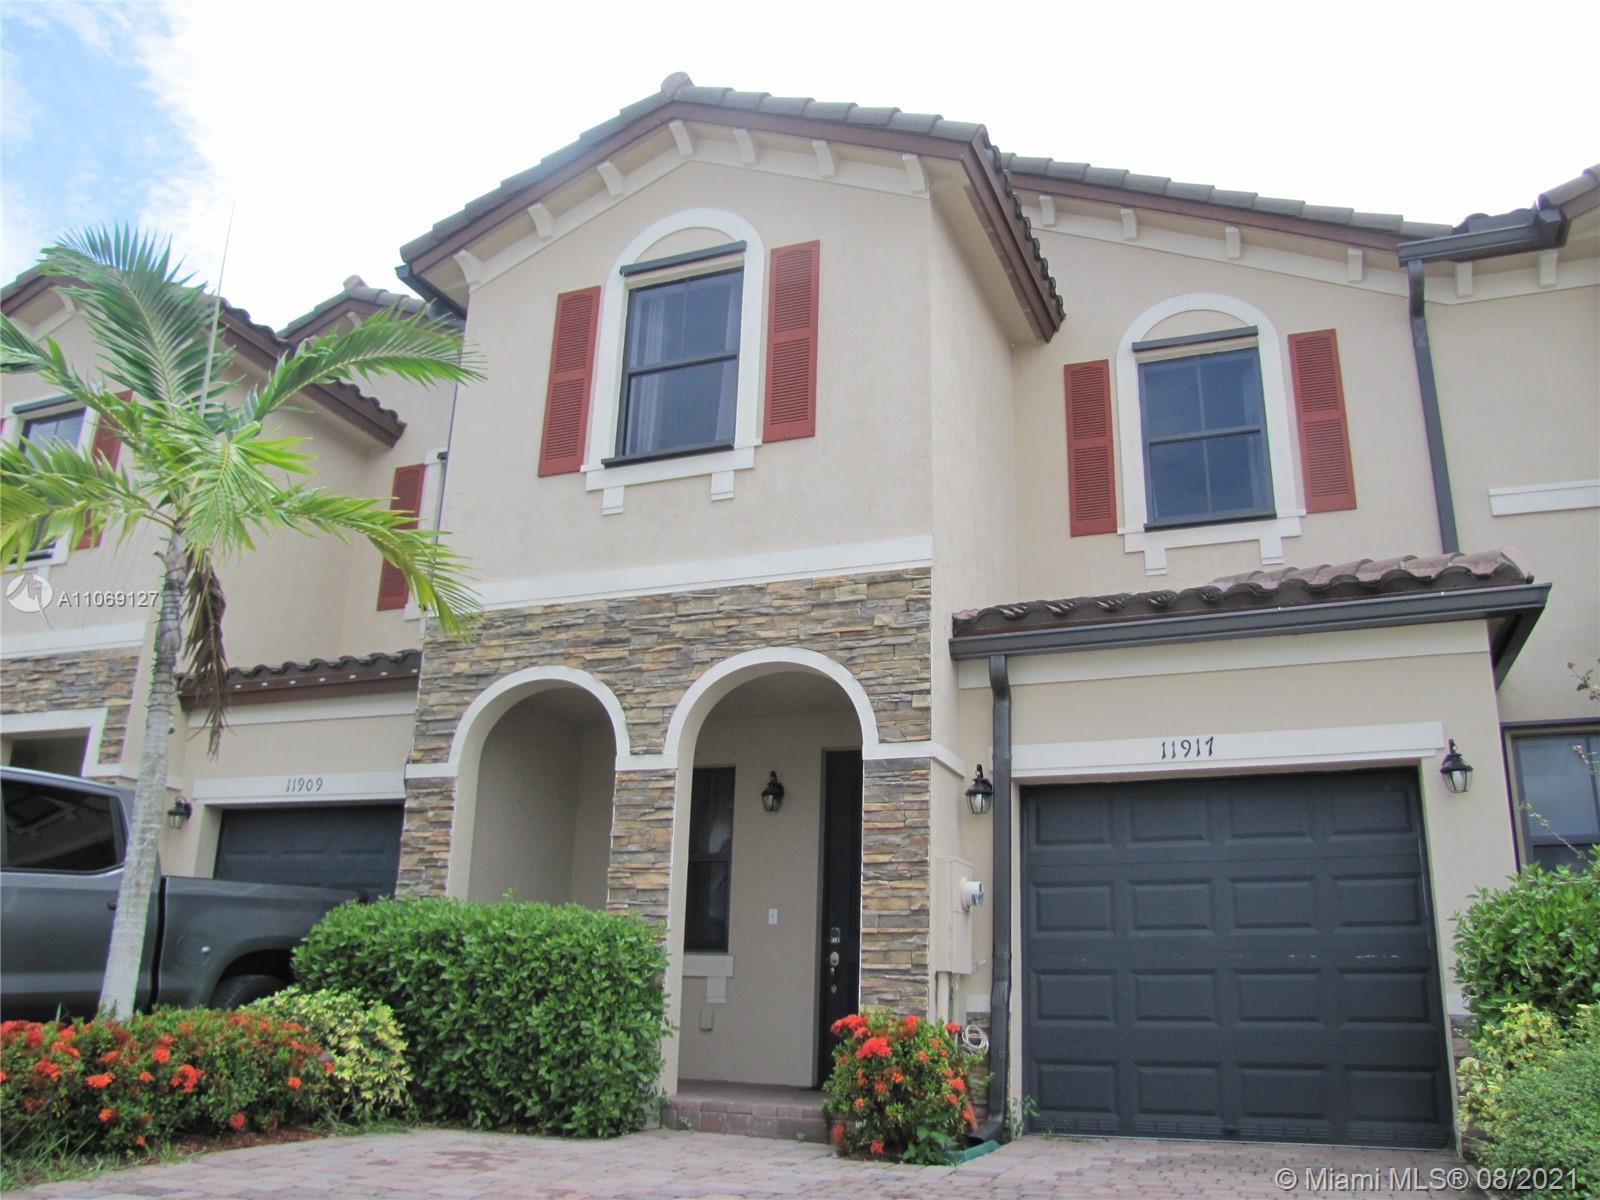 Hammocks - 11917 SW 150th Pl, Miami, FL 33196